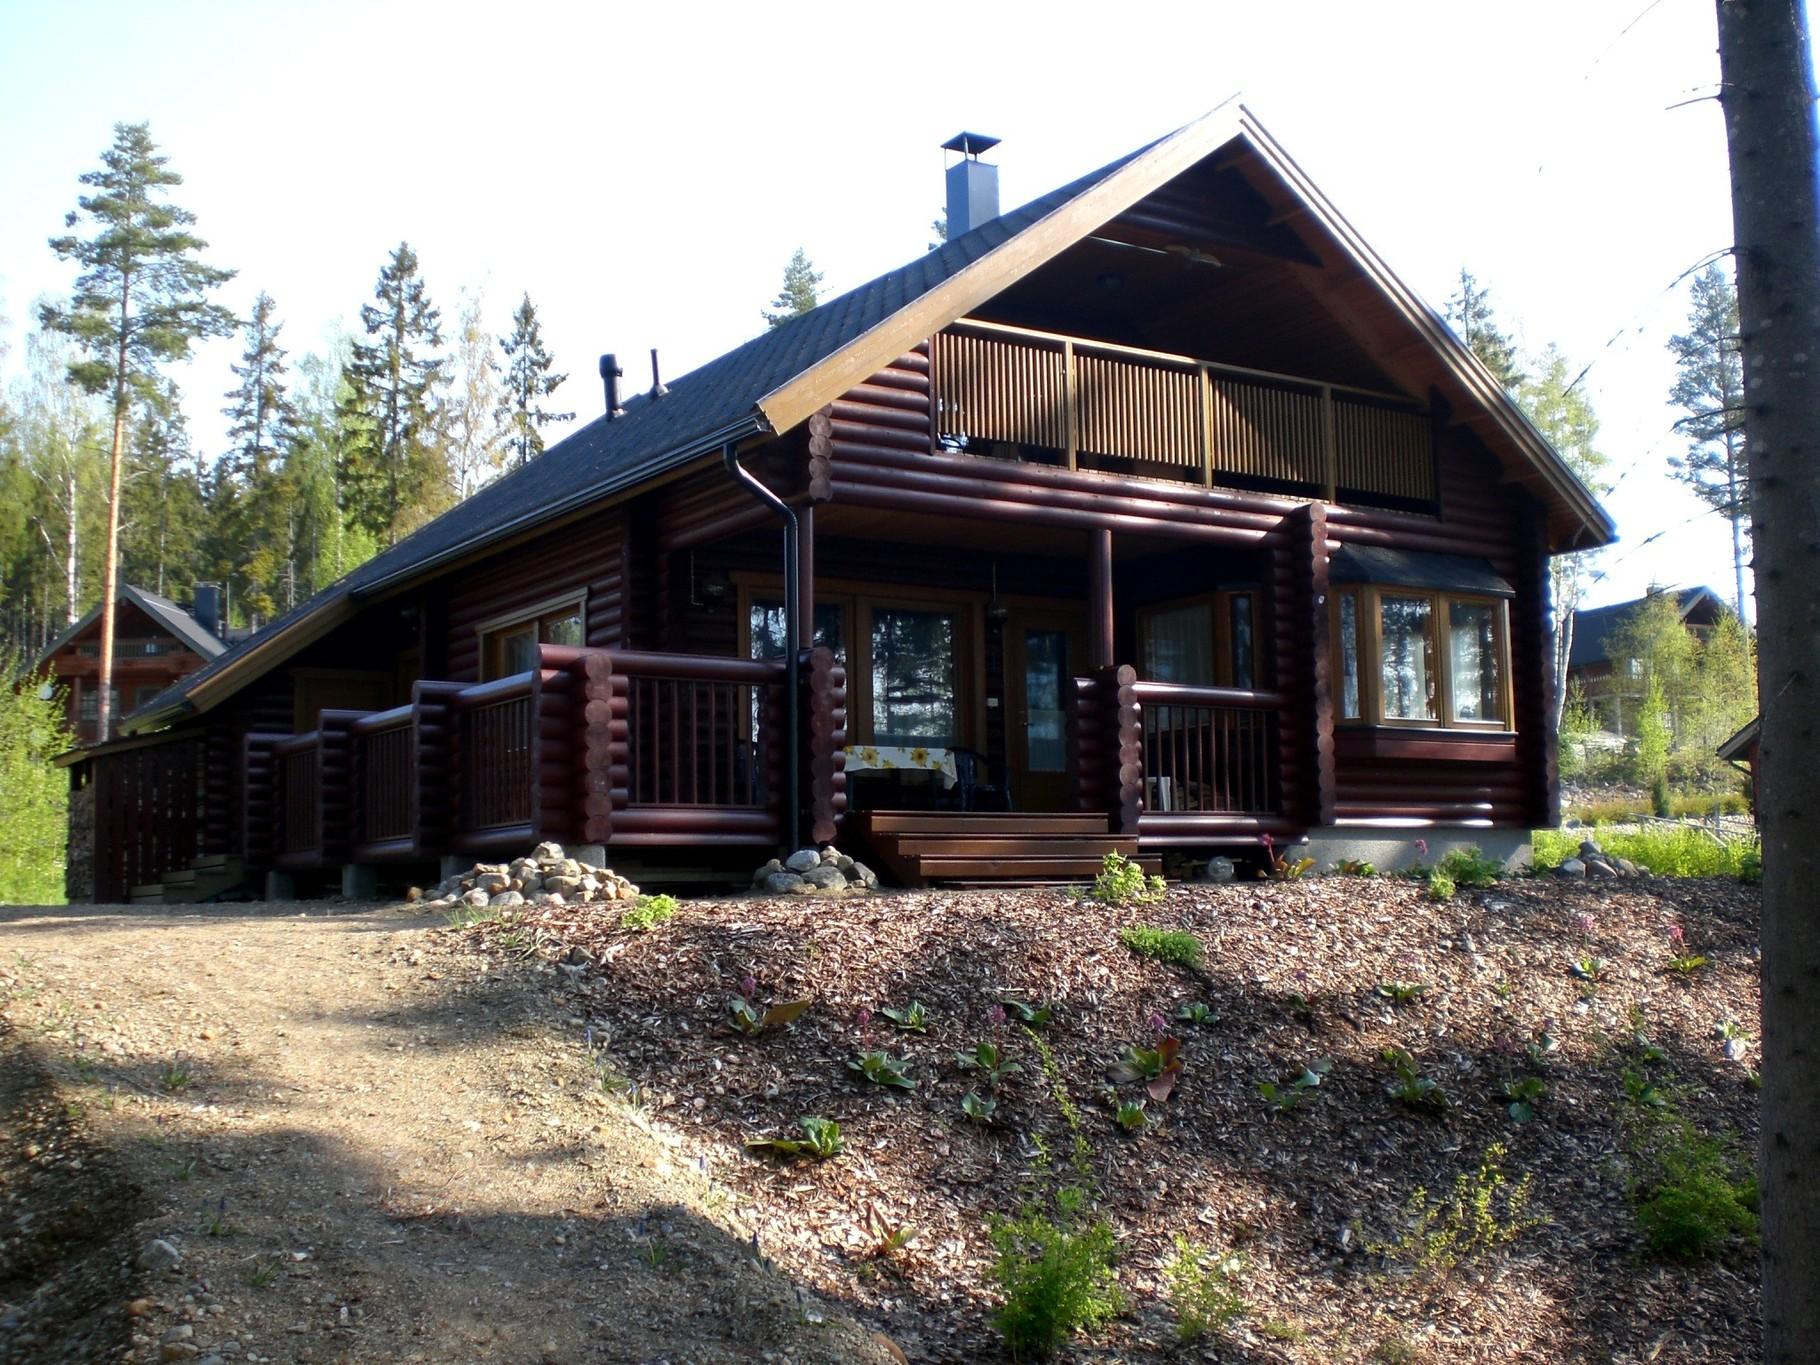 ferienhaus am see ferienhaus direkt am see mieten finnland. Black Bedroom Furniture Sets. Home Design Ideas